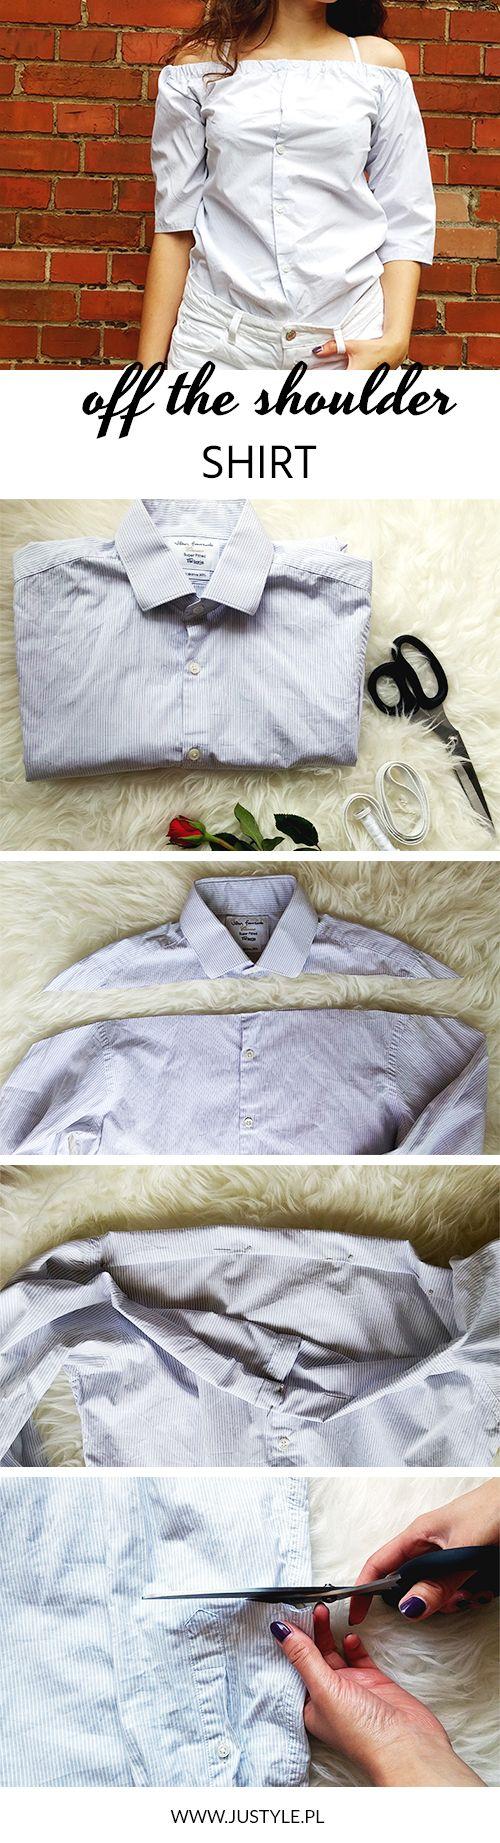 Zobacz prosty tutorial o tym jak zrobić z męskiej koszuli modną bluzkę off the shoulder.   3diy 3offtheshoulder